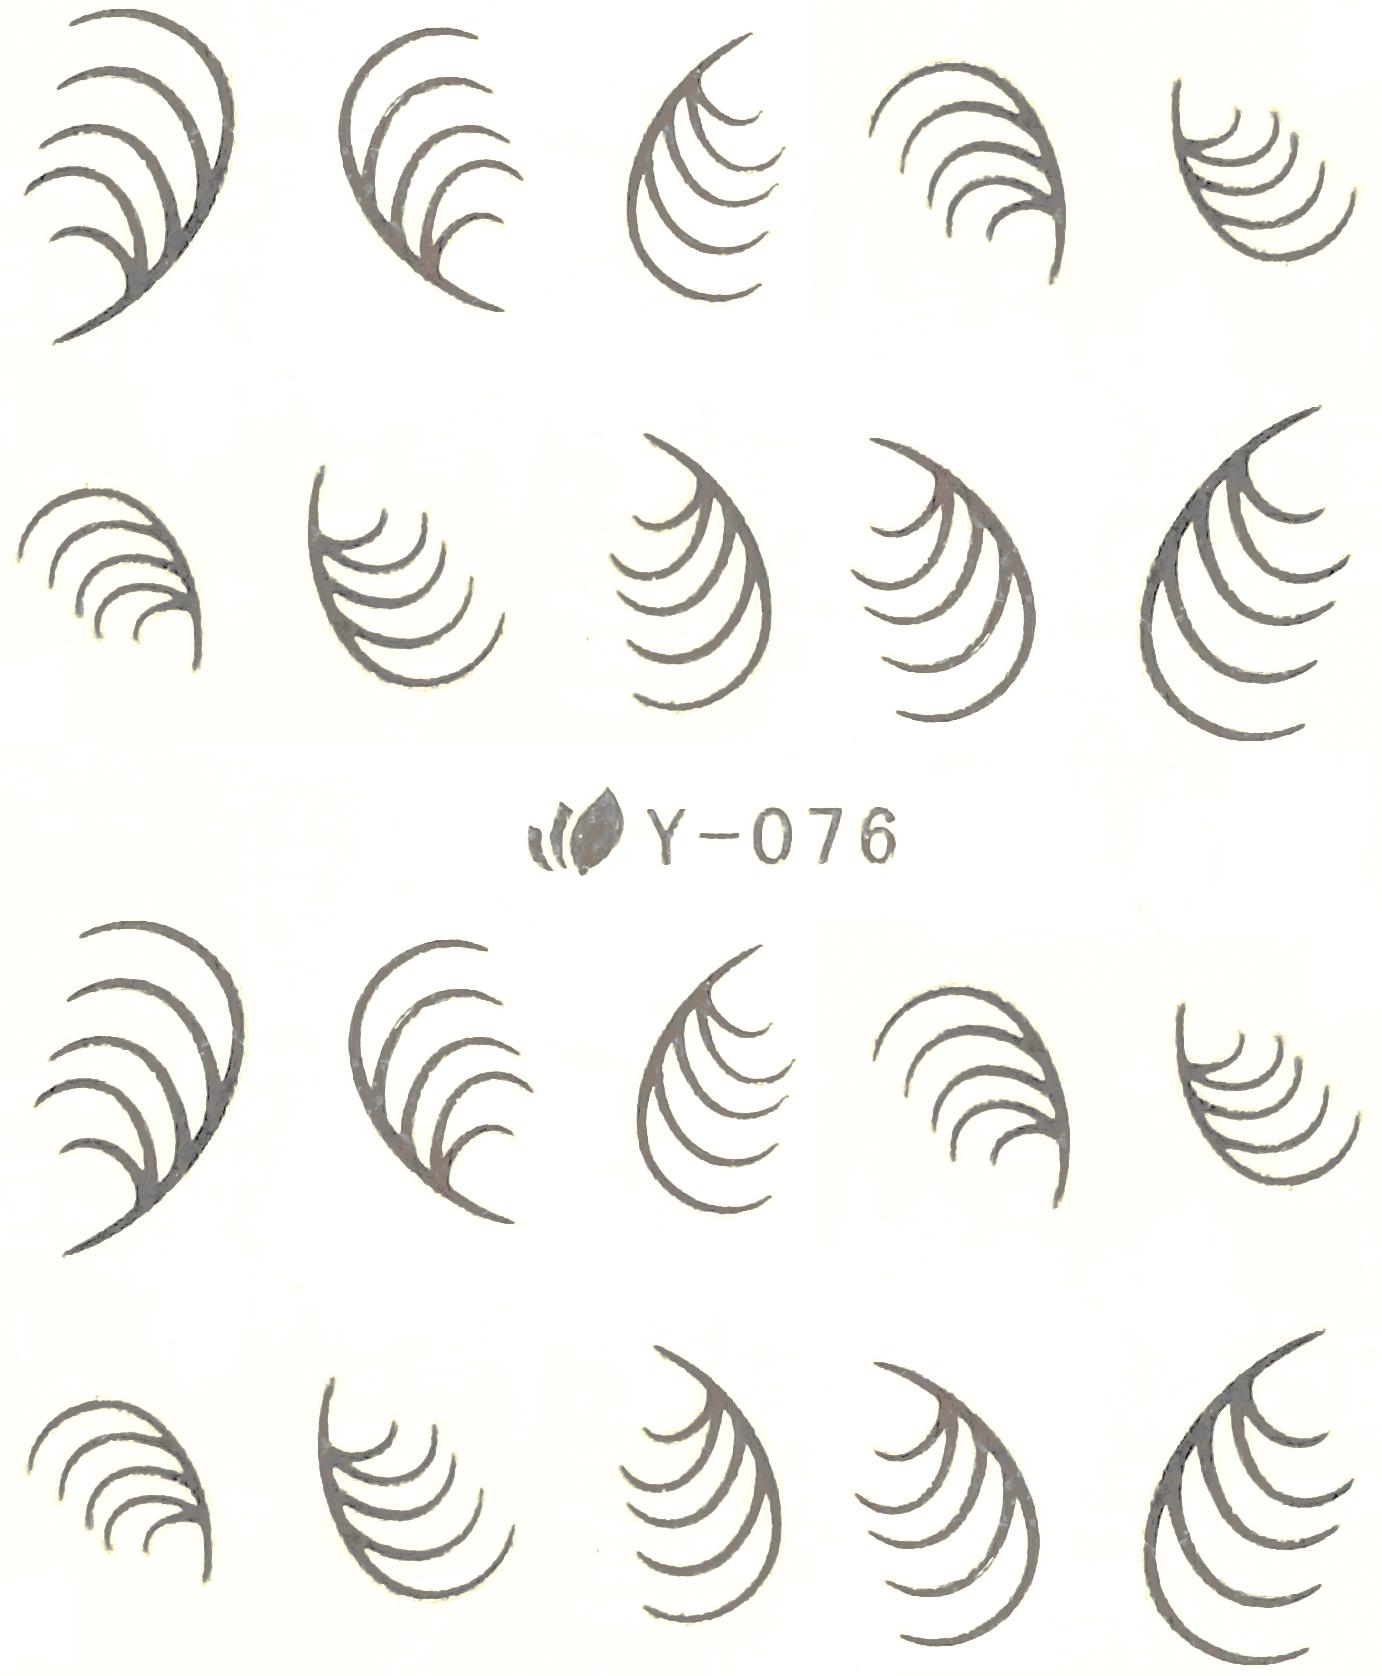 Wasserlösliche Sticker Ornamente Y-076 silber